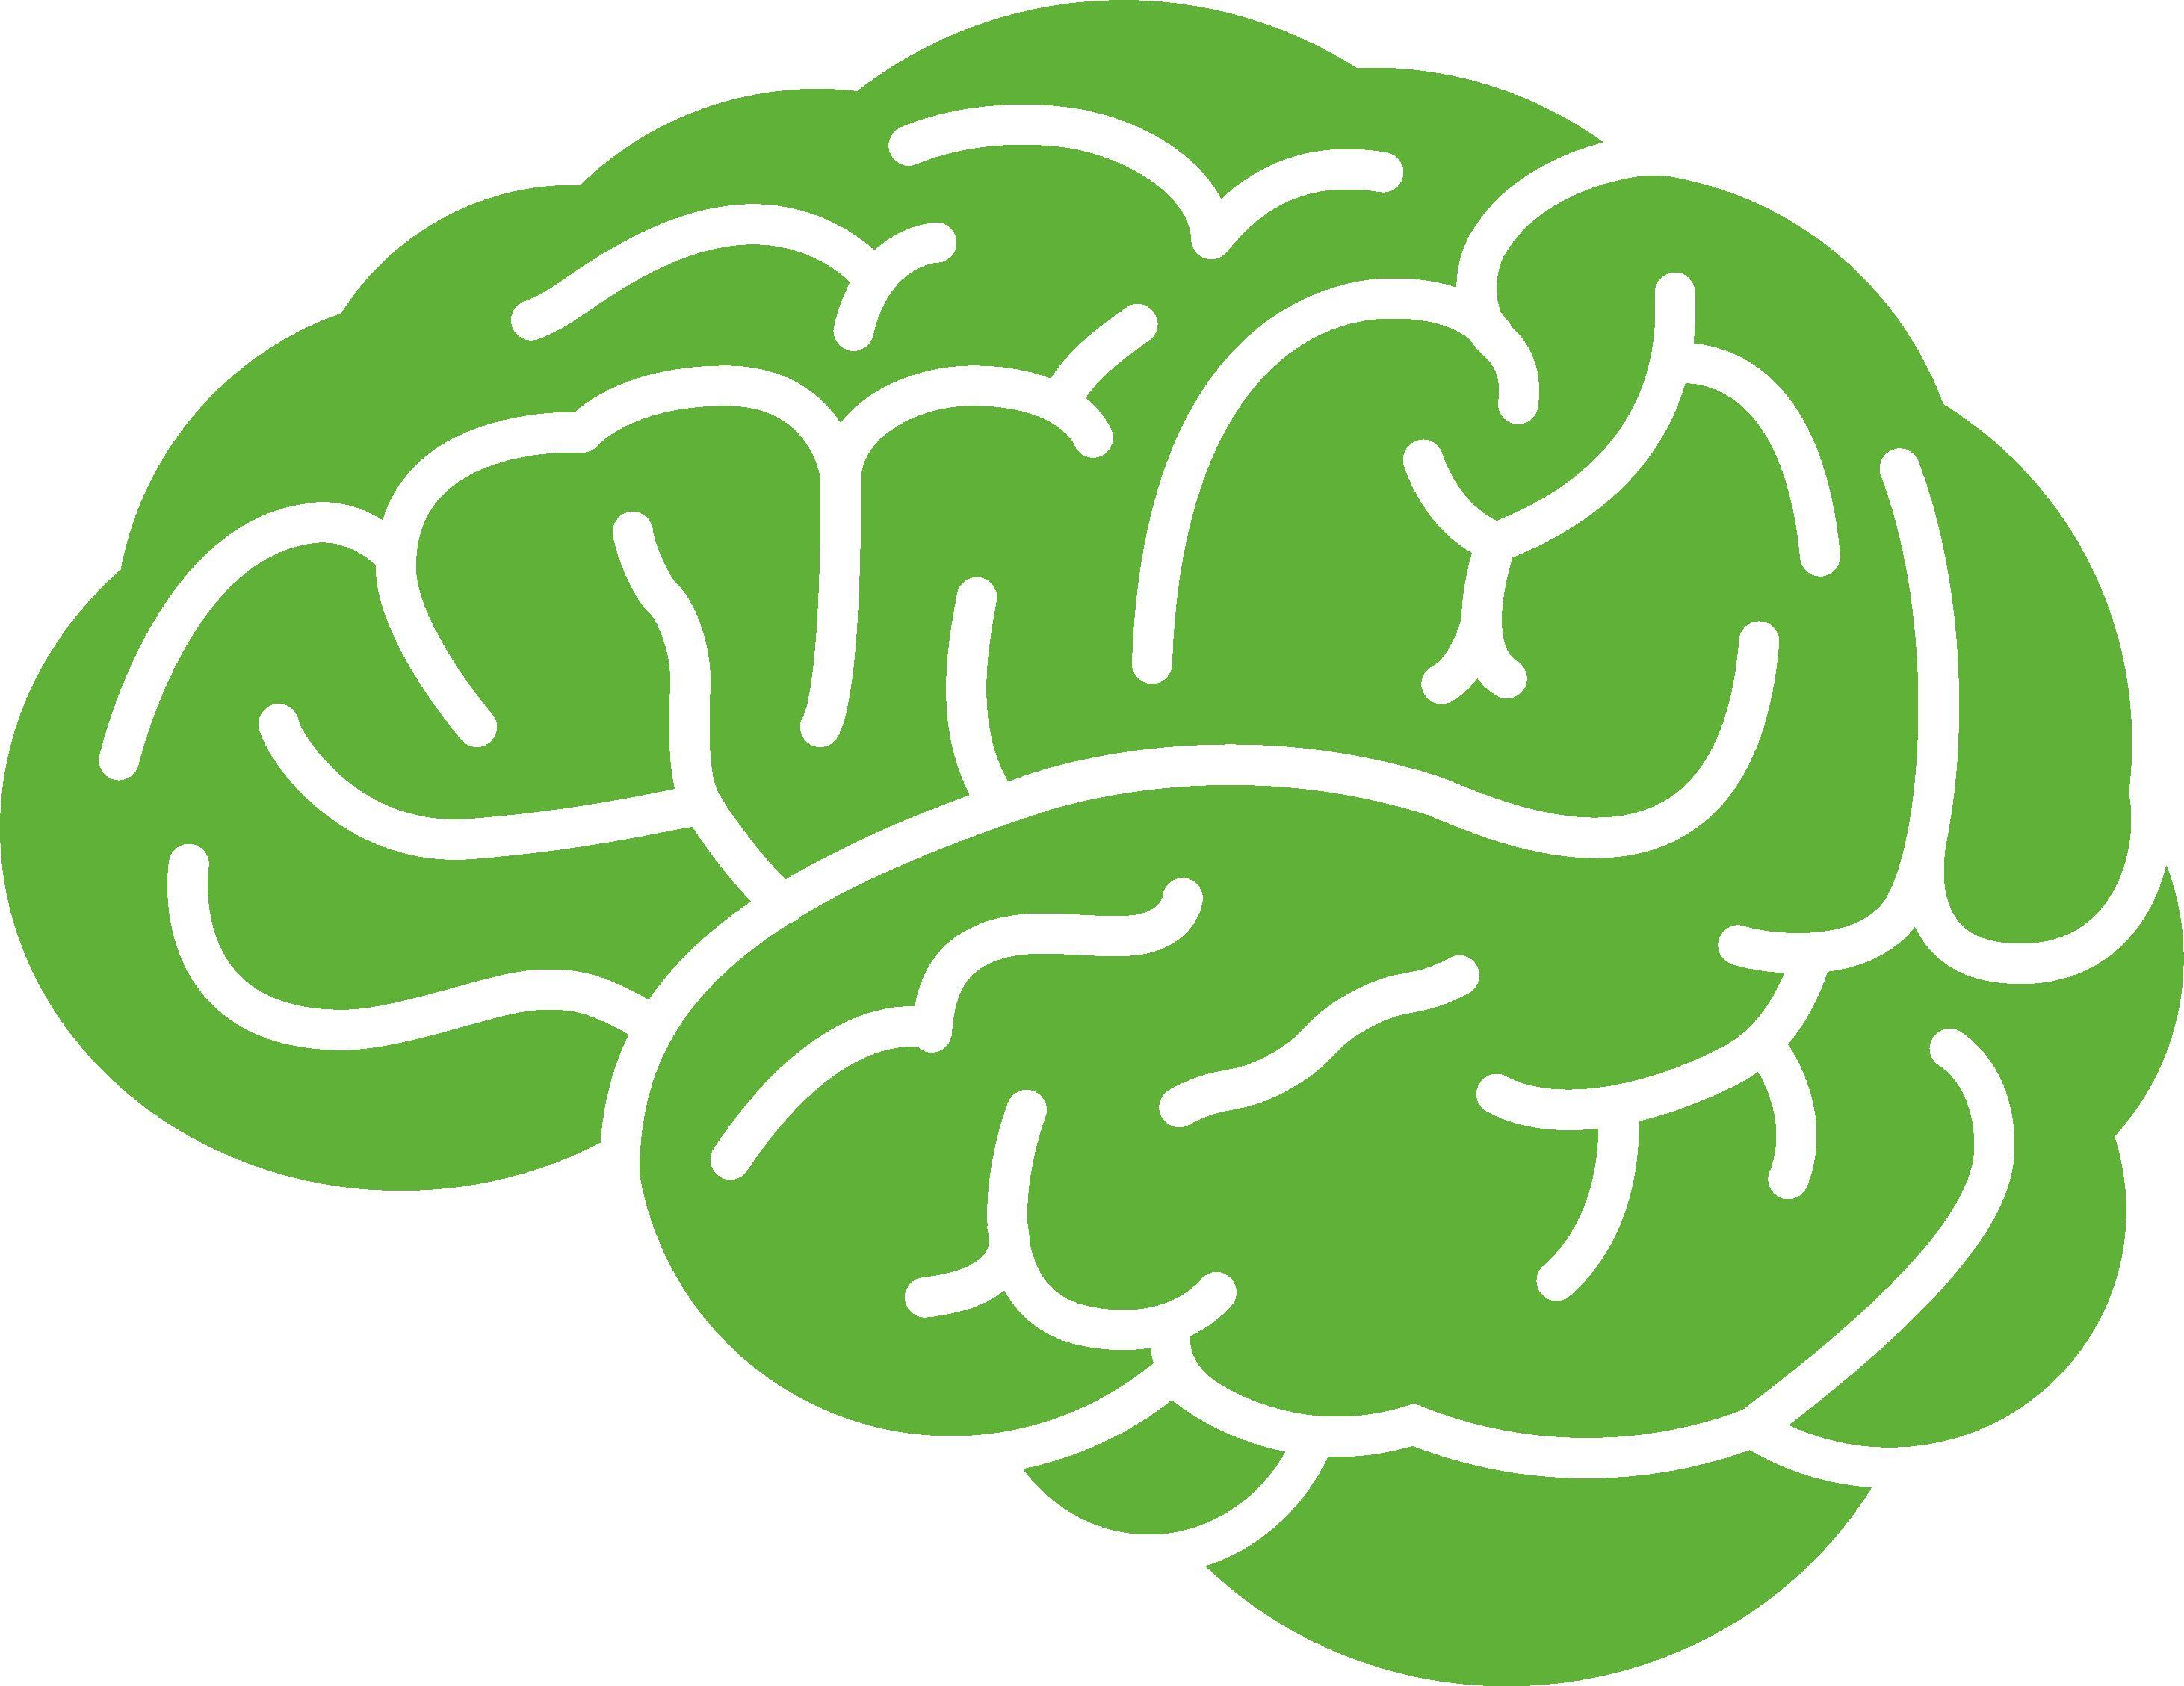 """Yılın Yeşil Beyinleri"""" Yarışması'nda Finale Doğru"""